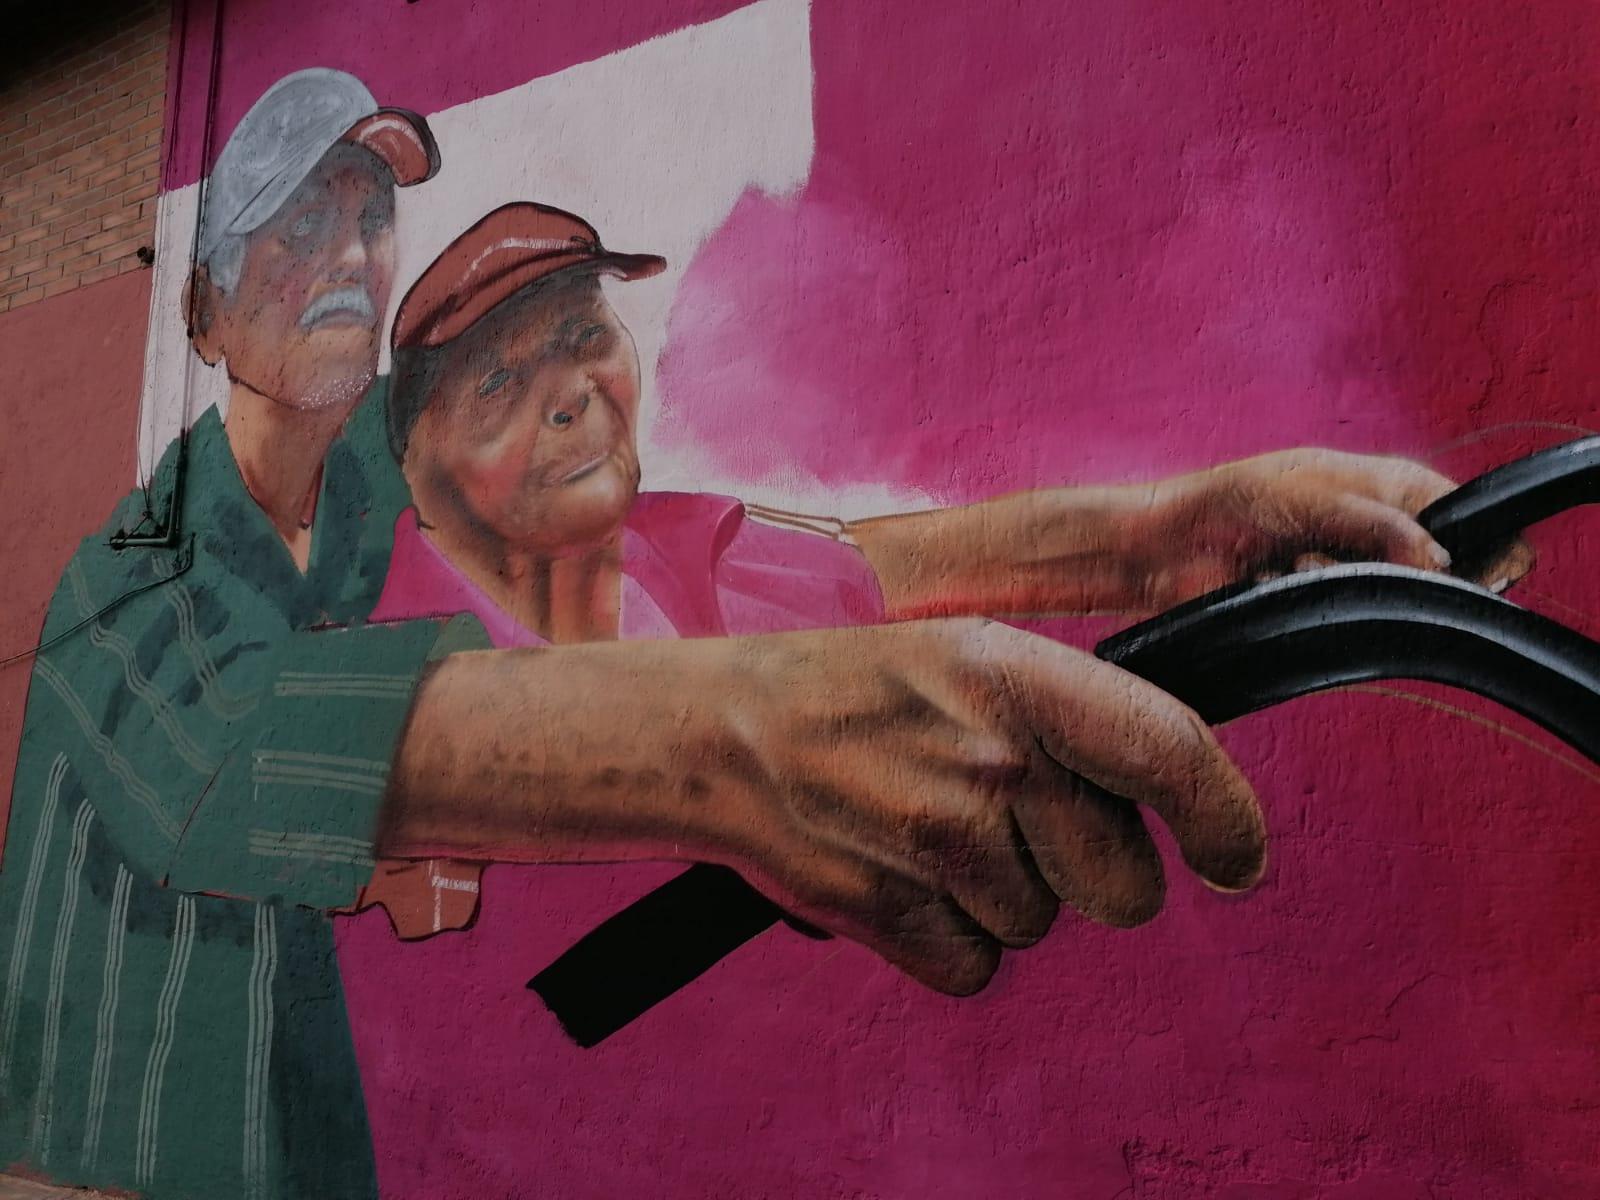 Historias de habitantes de Iztapalapa inspiran a artista urbano y las plasma en murales